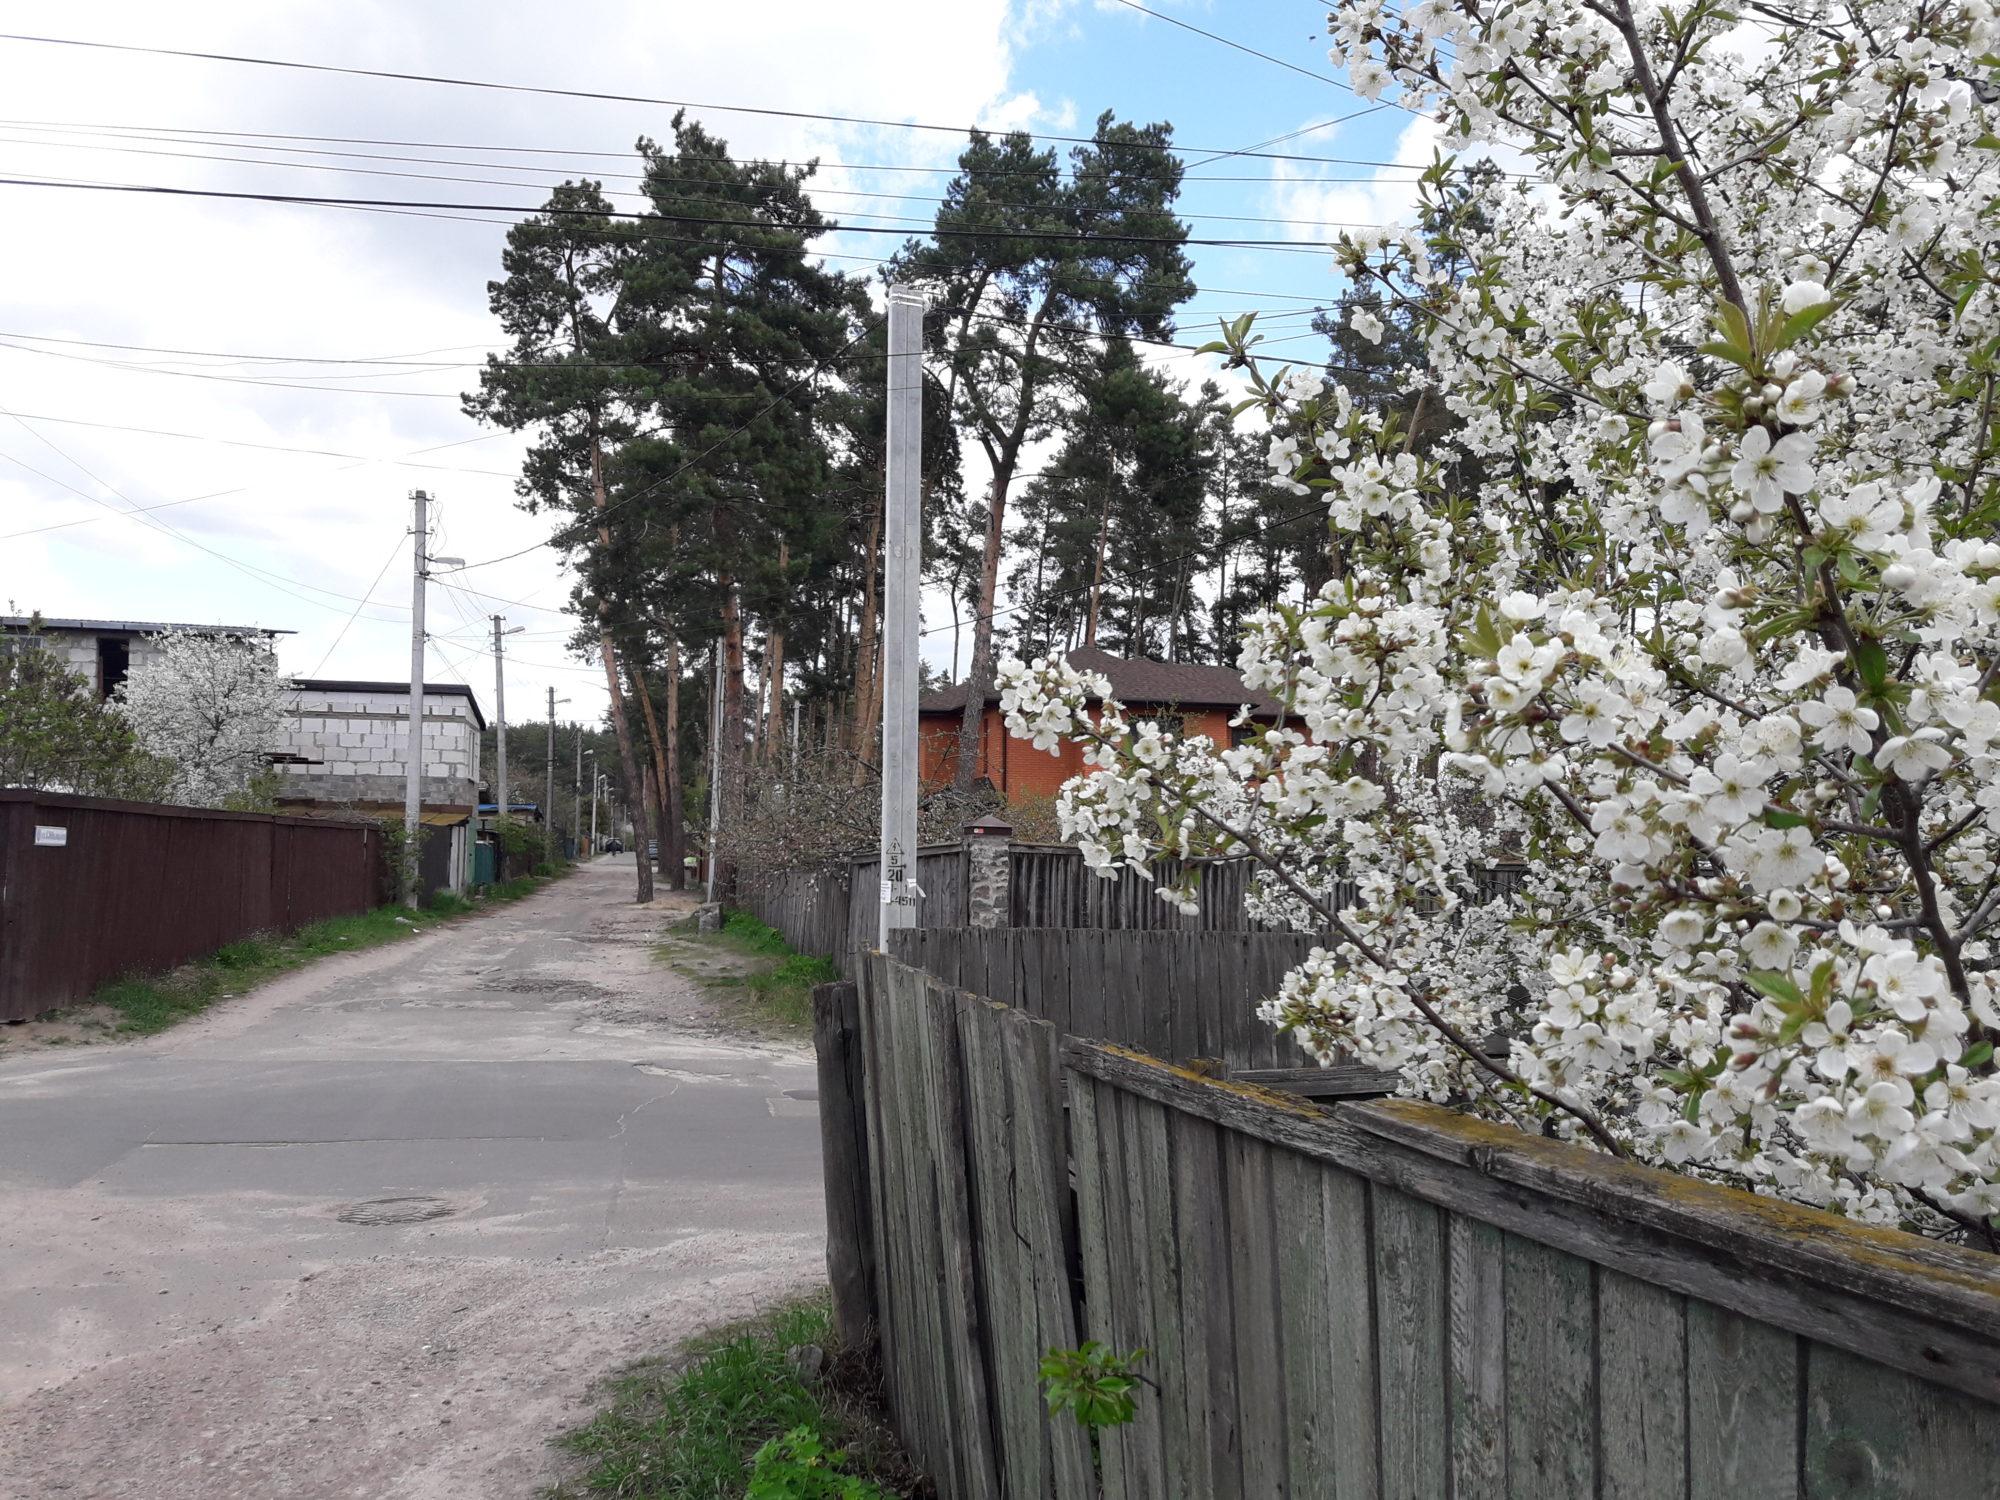 Ірпінь квітне: у місті настає пік цвітіння дерев та кущів (ФОТО) -  - 20200427 123305 2000x1500